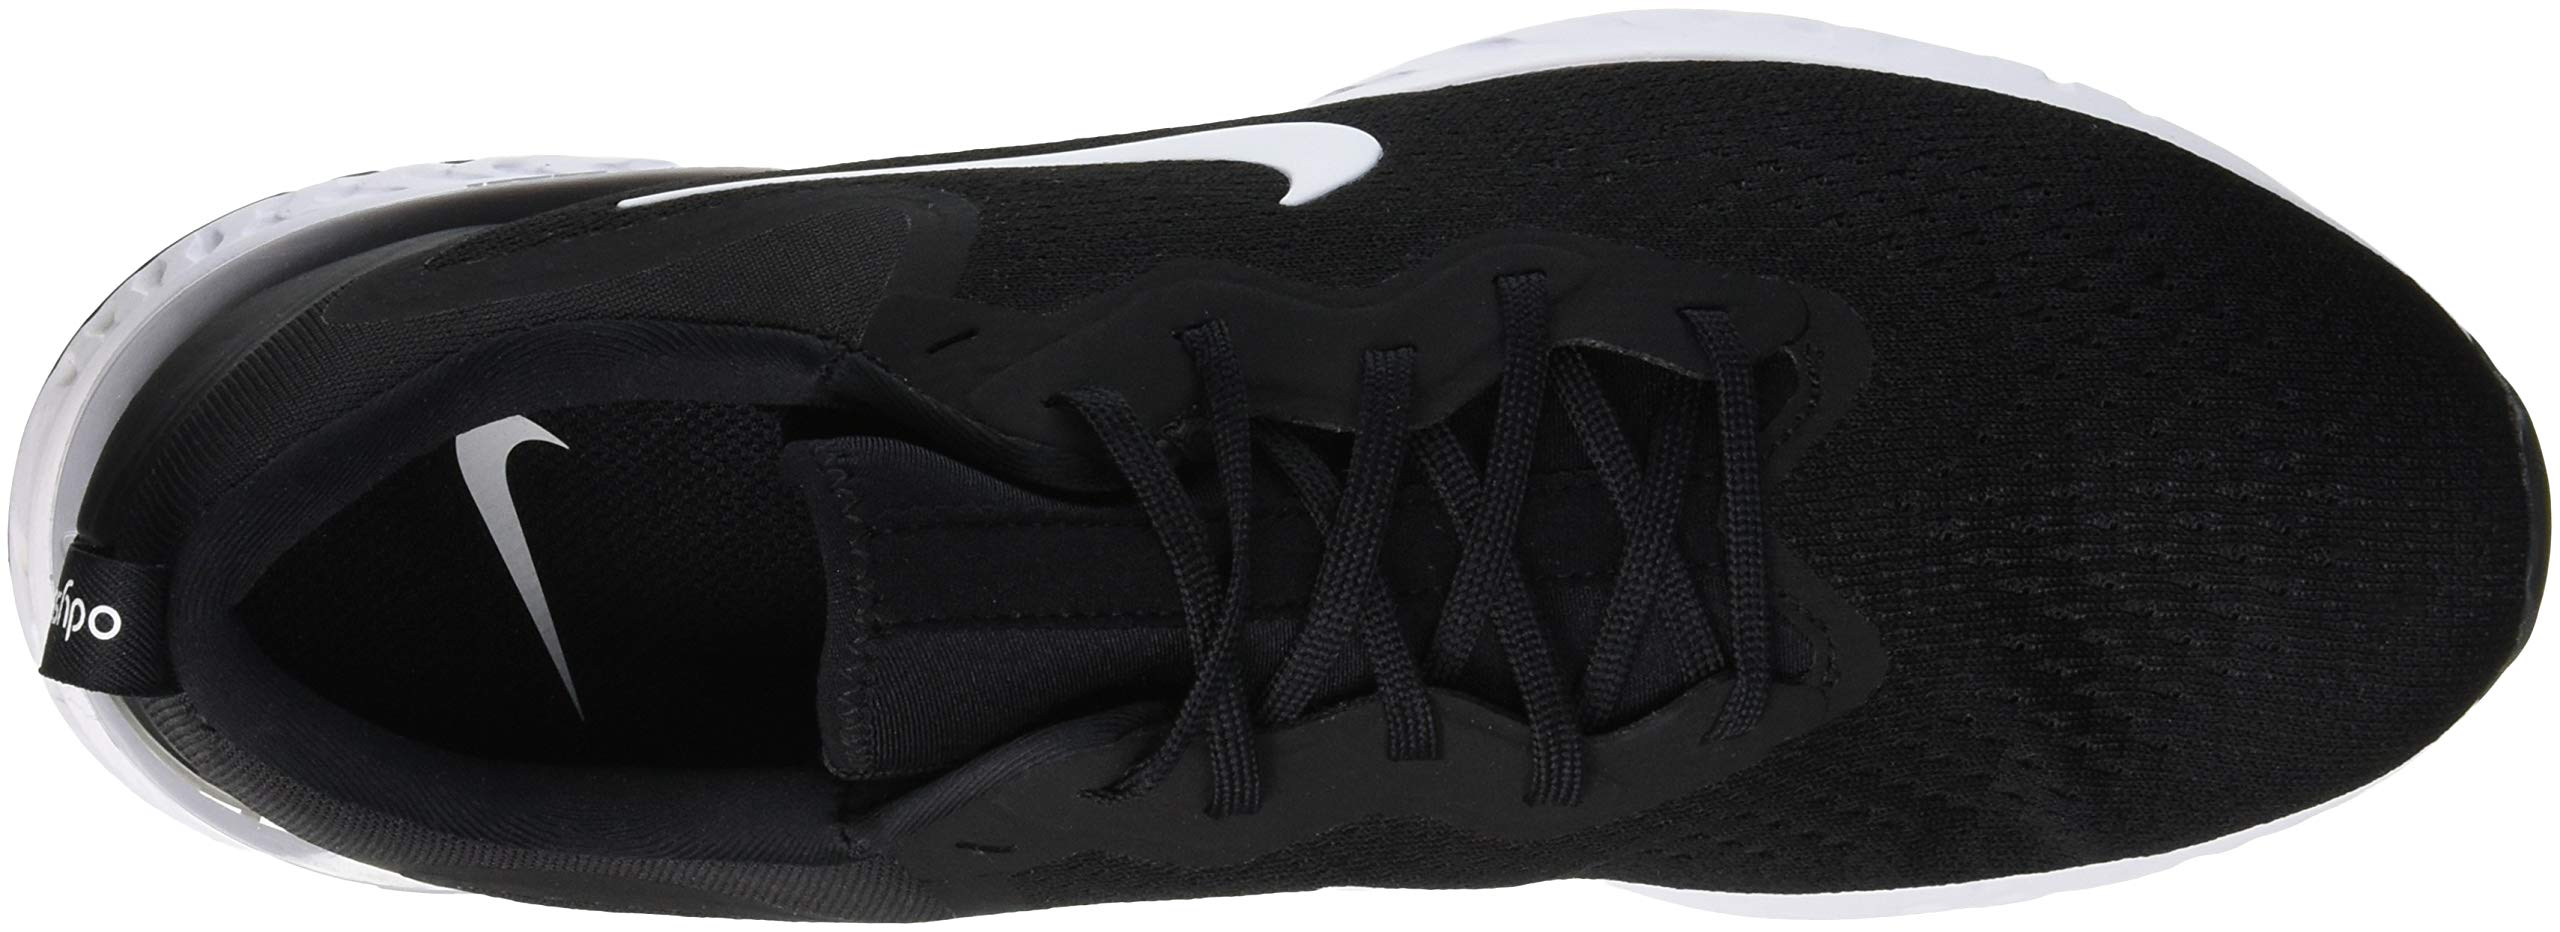 Nike Men's Odyssey React Running Shoe Black/White-Wolf Grey 7.5 by Nike (Image #7)